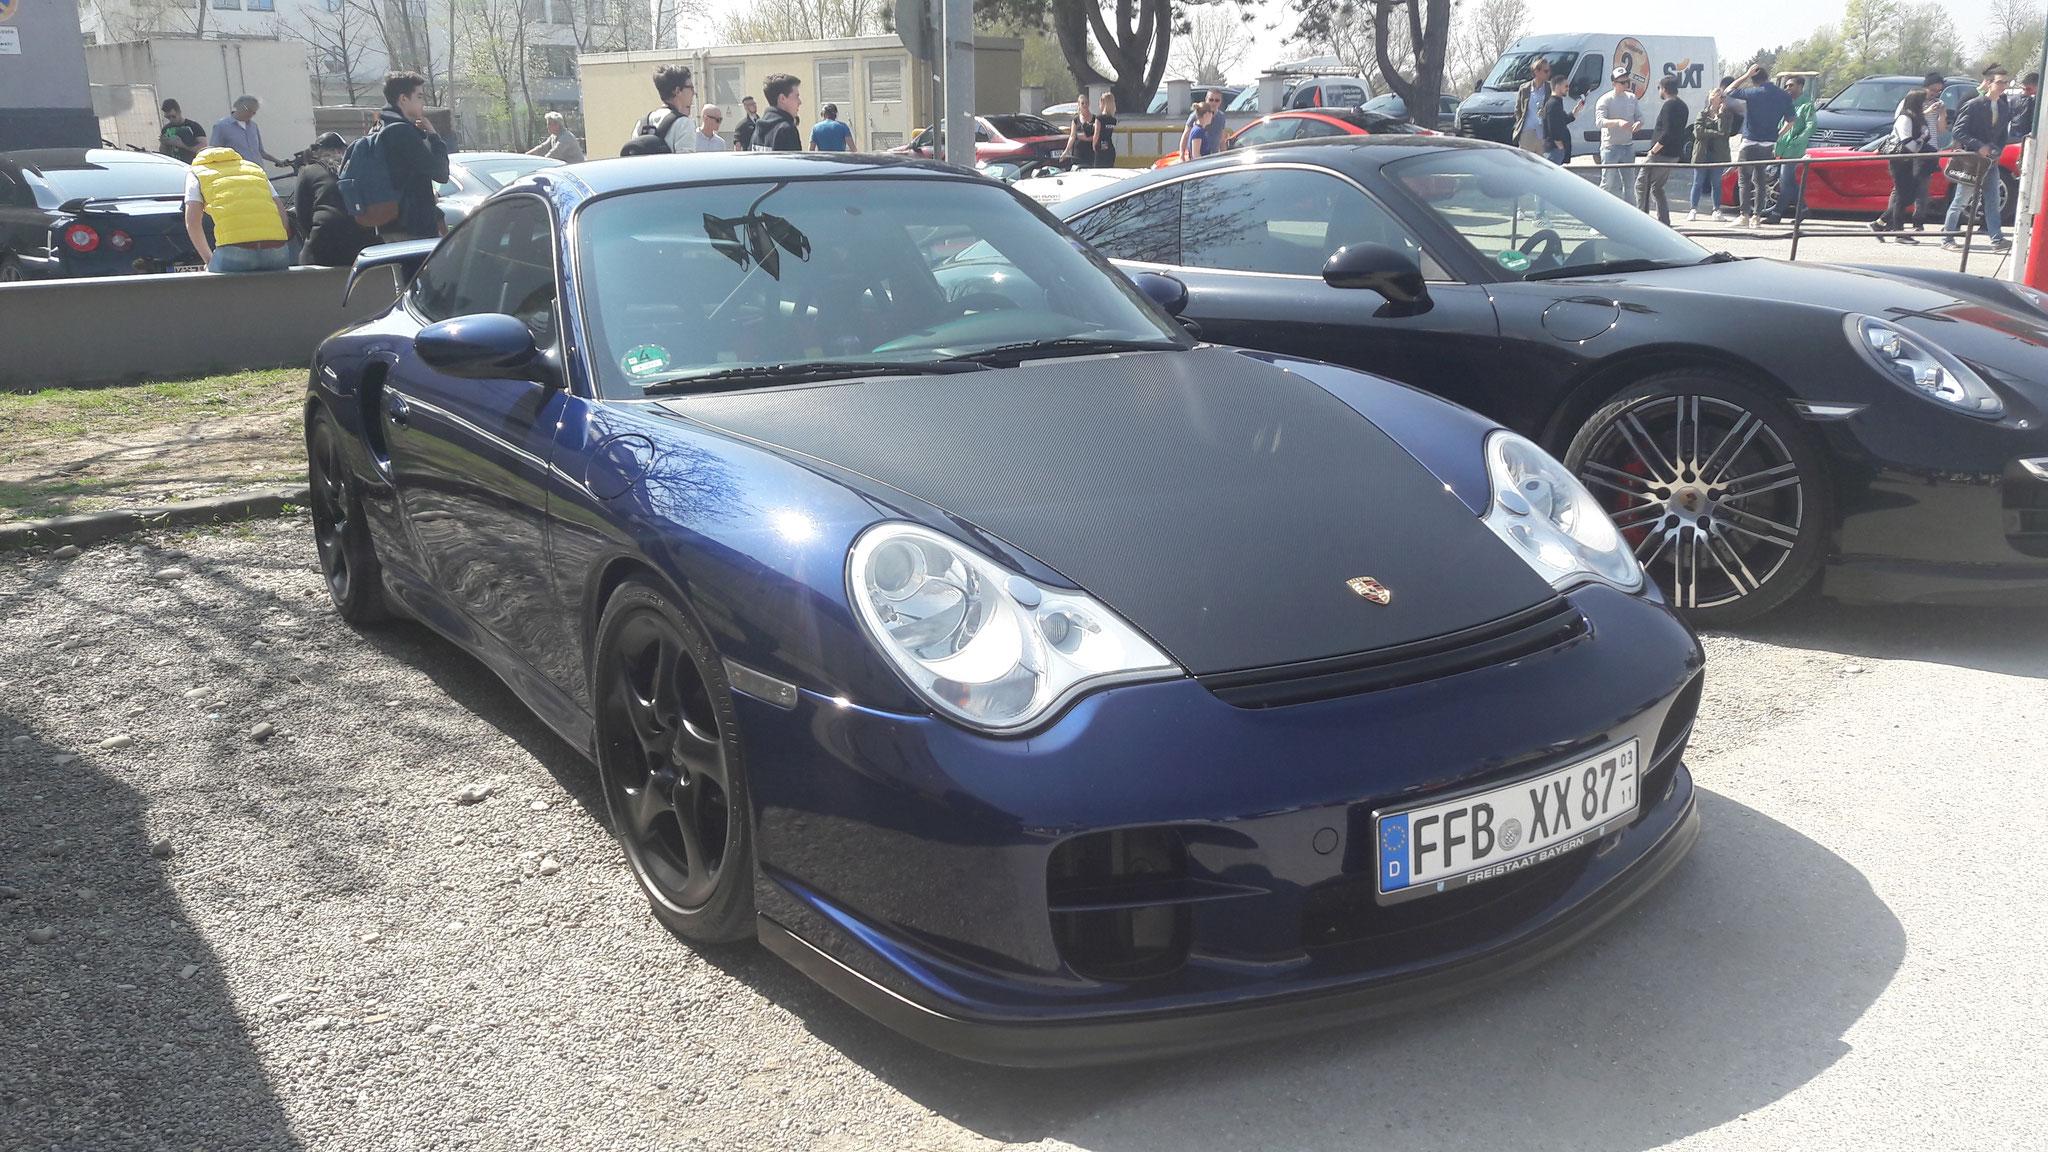 Porsche 996 GT2 RS - FFB-XX-87